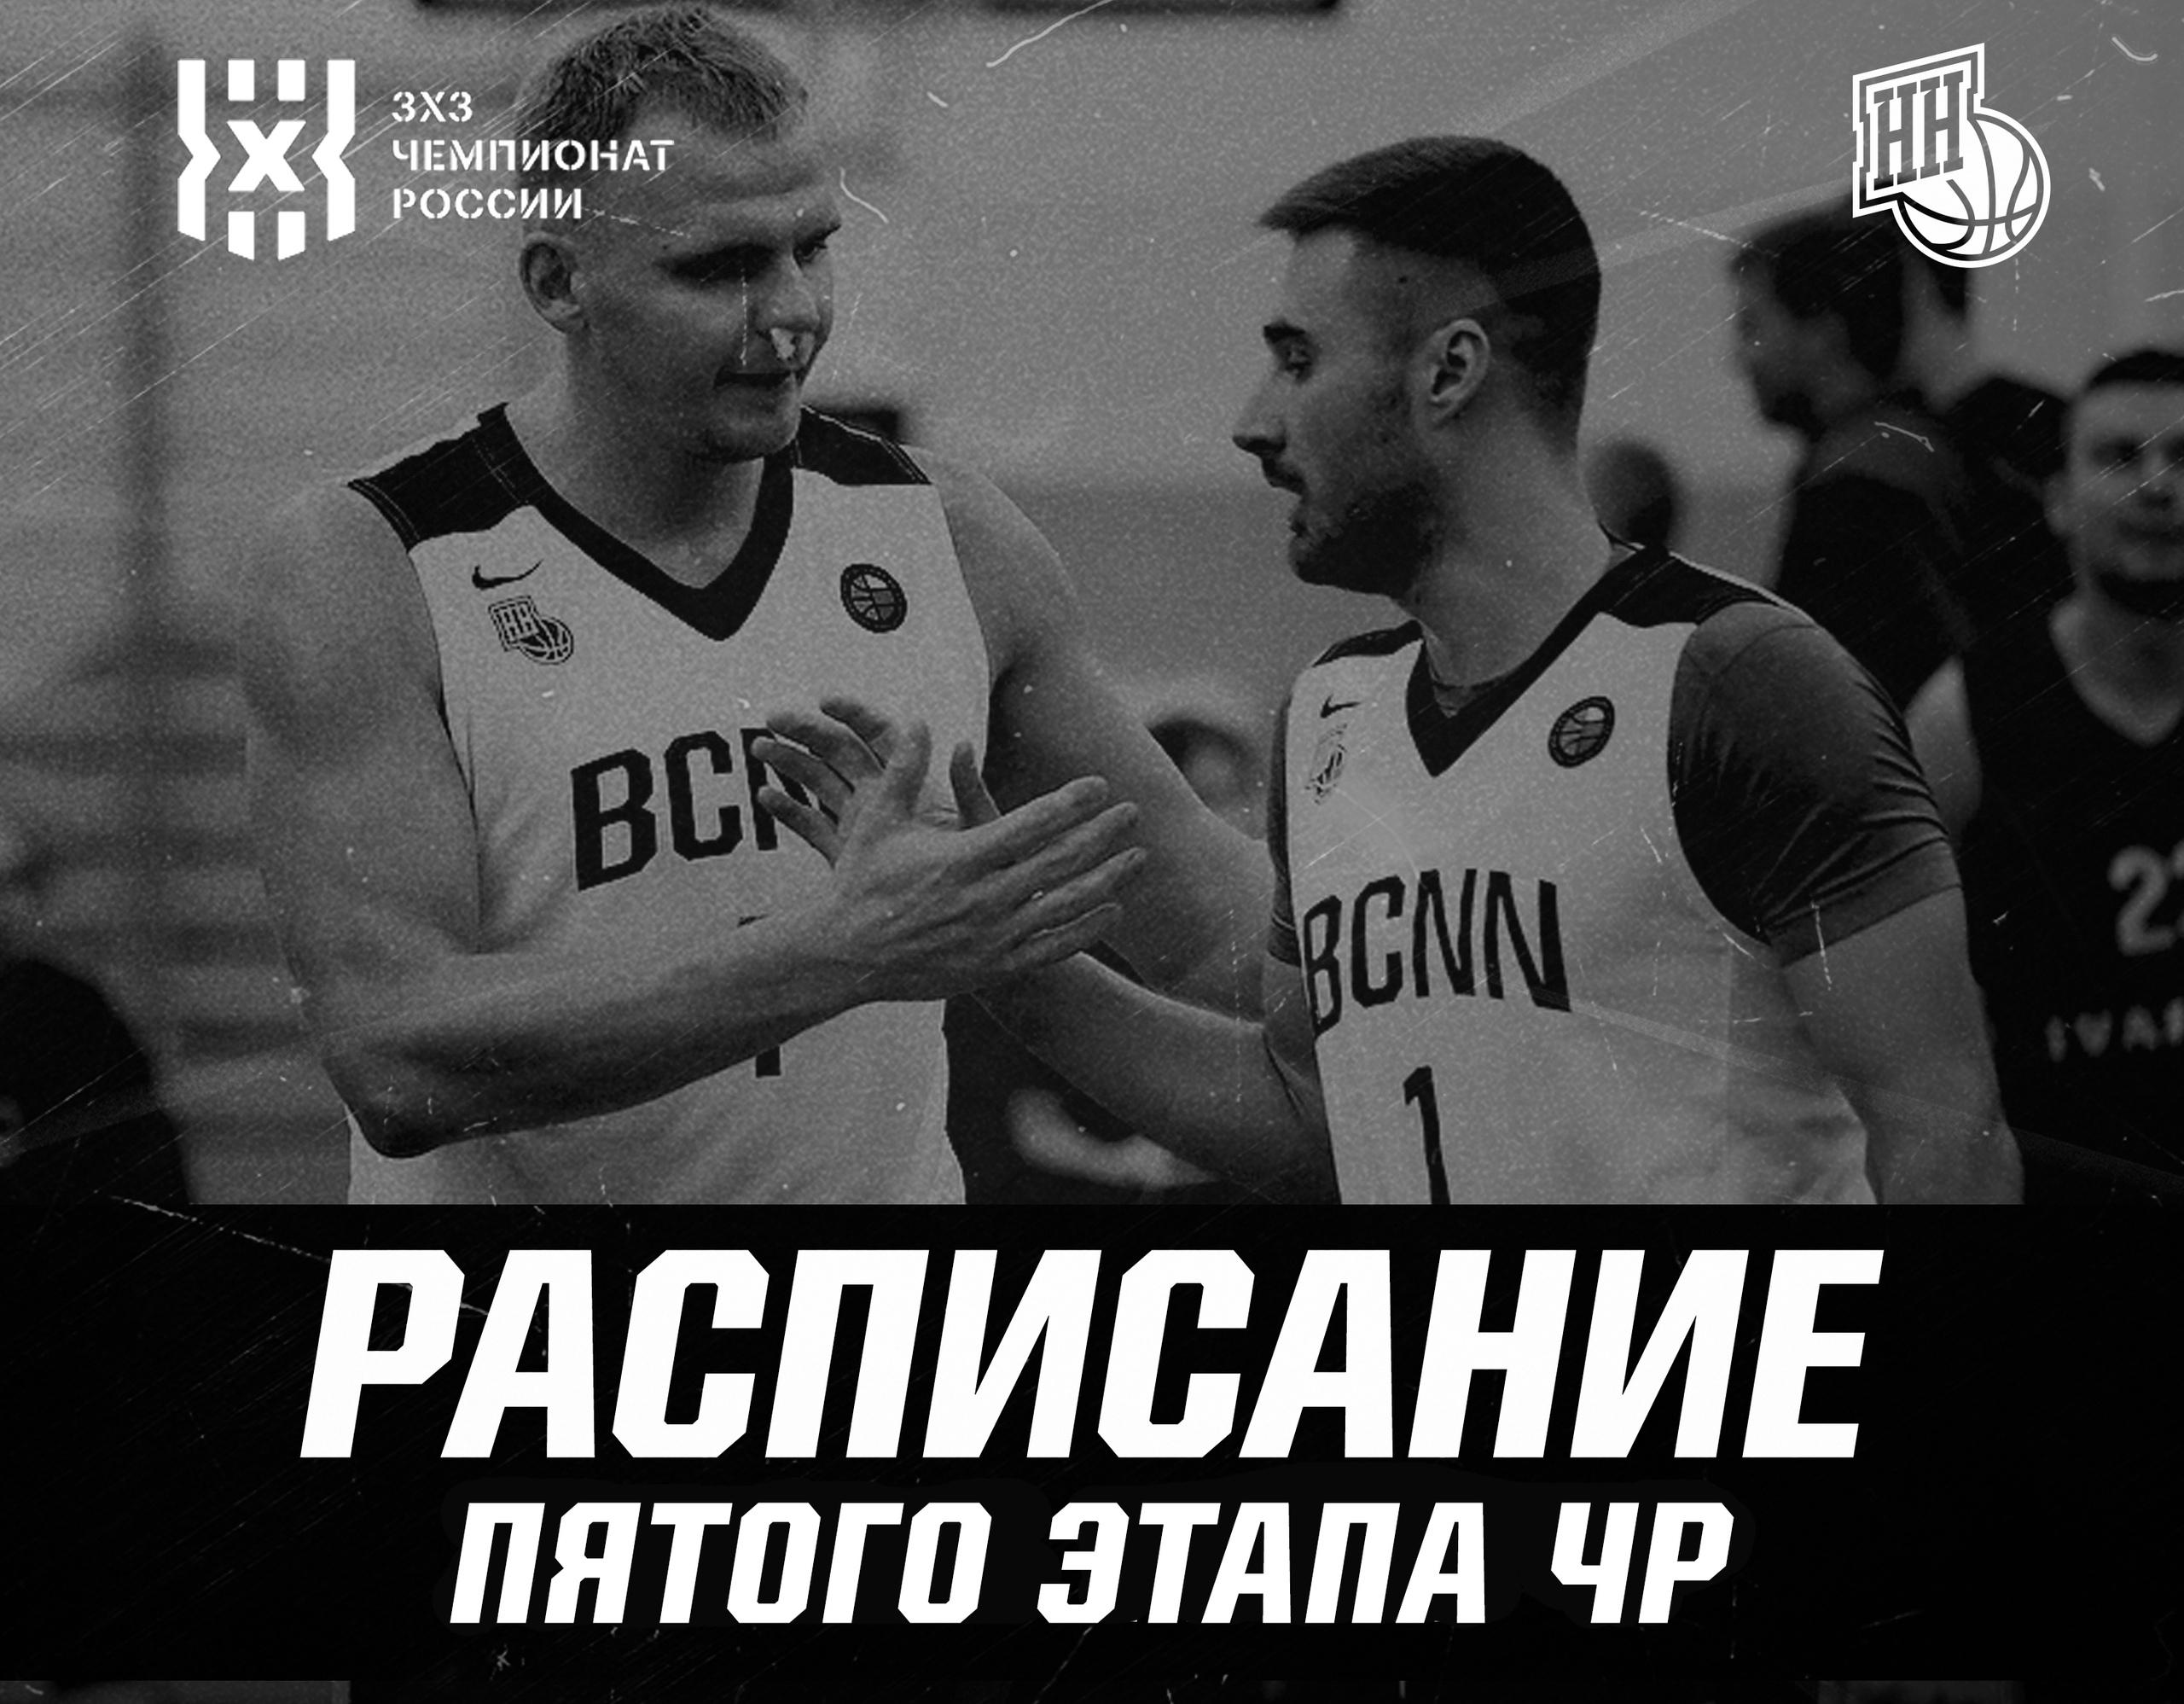 Расписание пятого этапа Чемпионата России по баскетболу 3х3